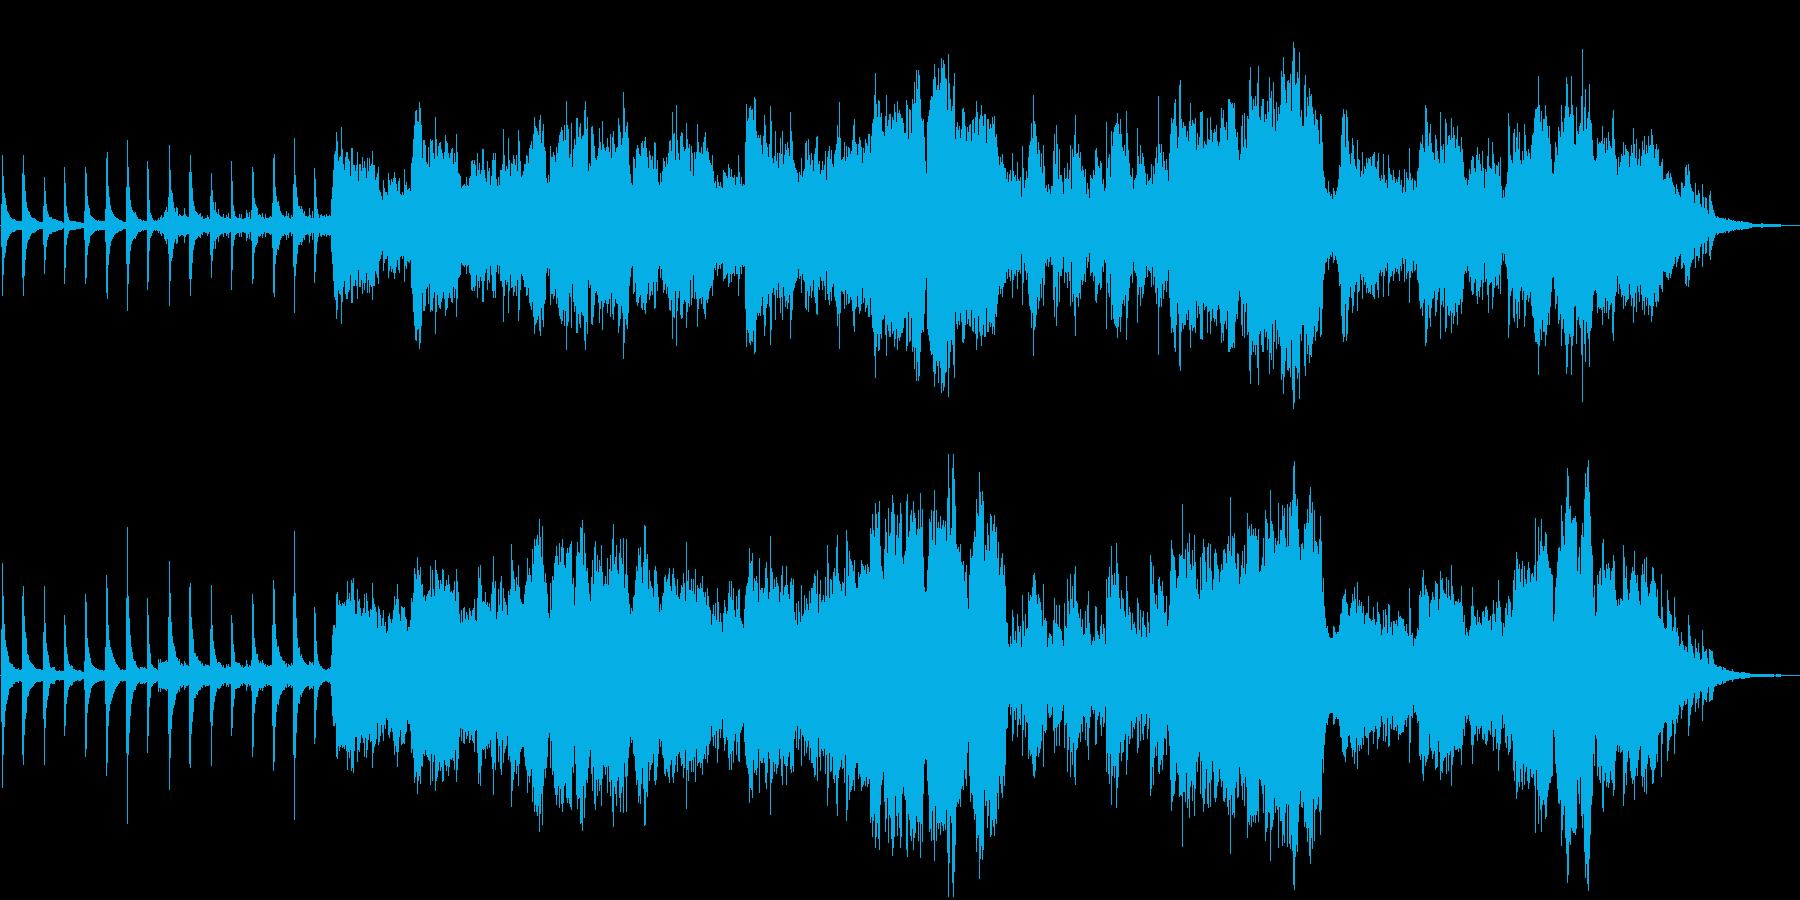 ヨーヨーマ的なチェロと笛とピアノの和弦楽の再生済みの波形